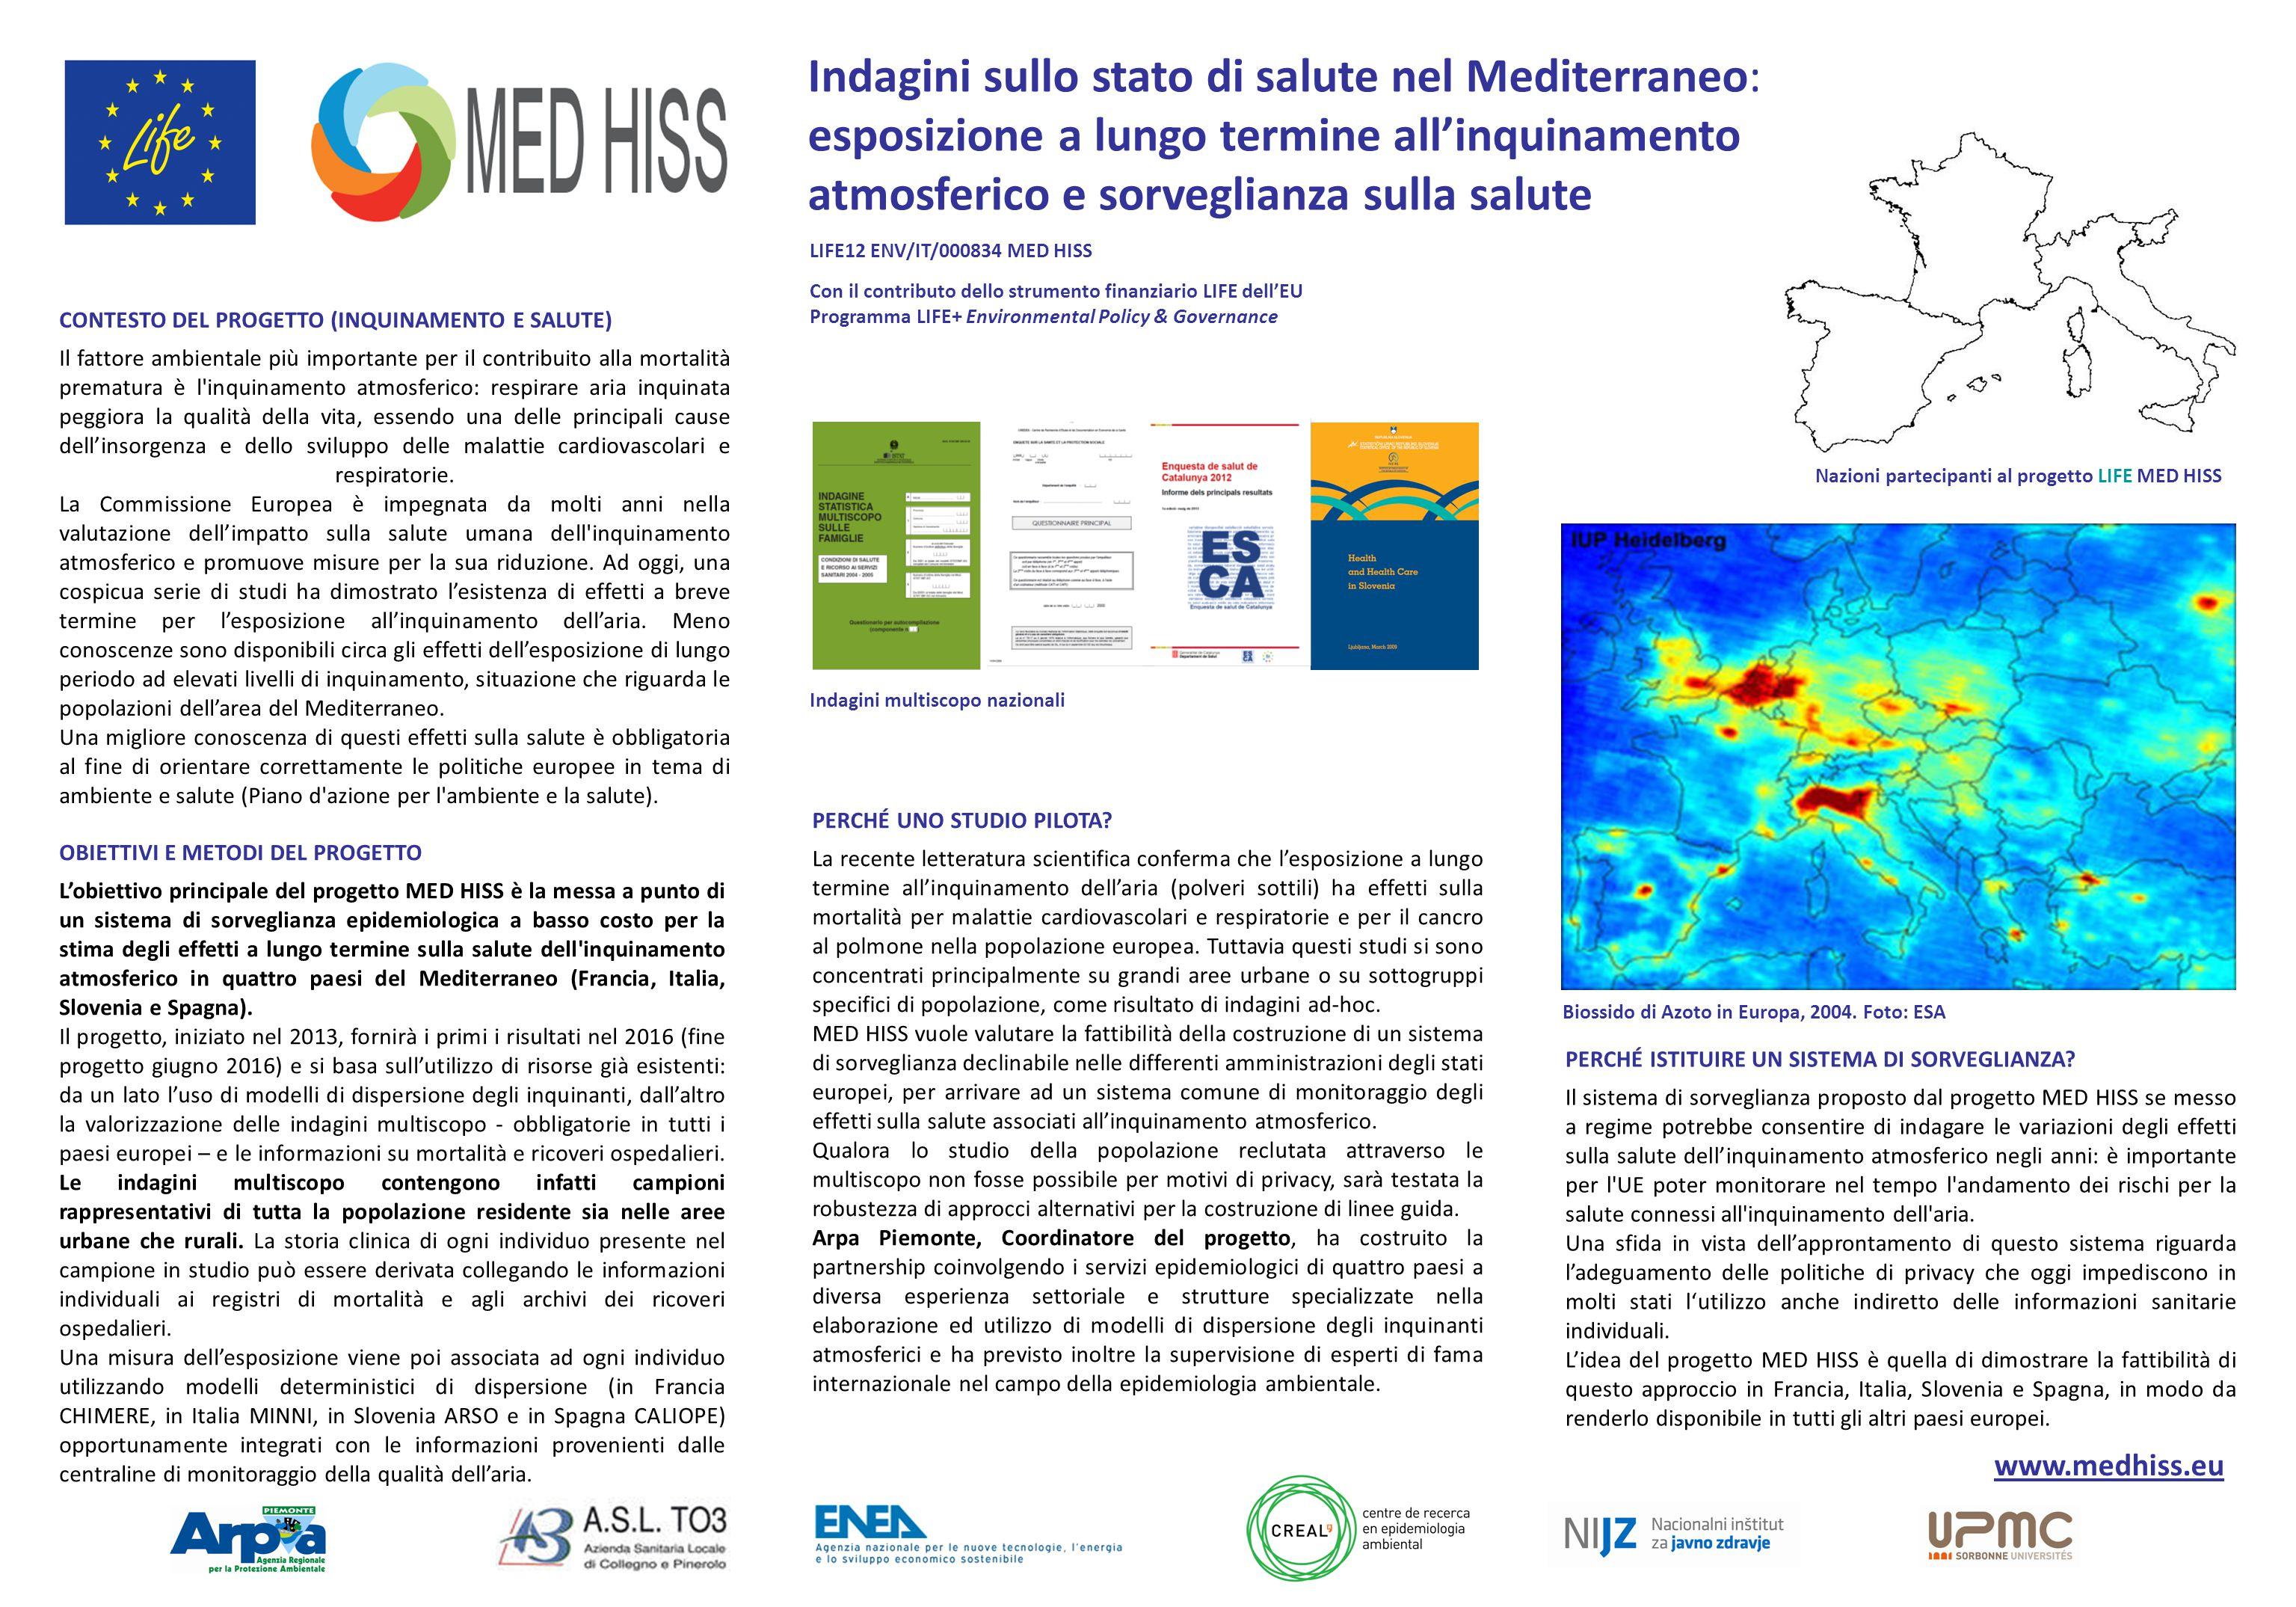 Indagini sullo stato di salute nel Mediterraneo: esposizione a lungo termine all'inquinamento atmosferico e sorveglianza sulla salute CONTESTO DEL PRO